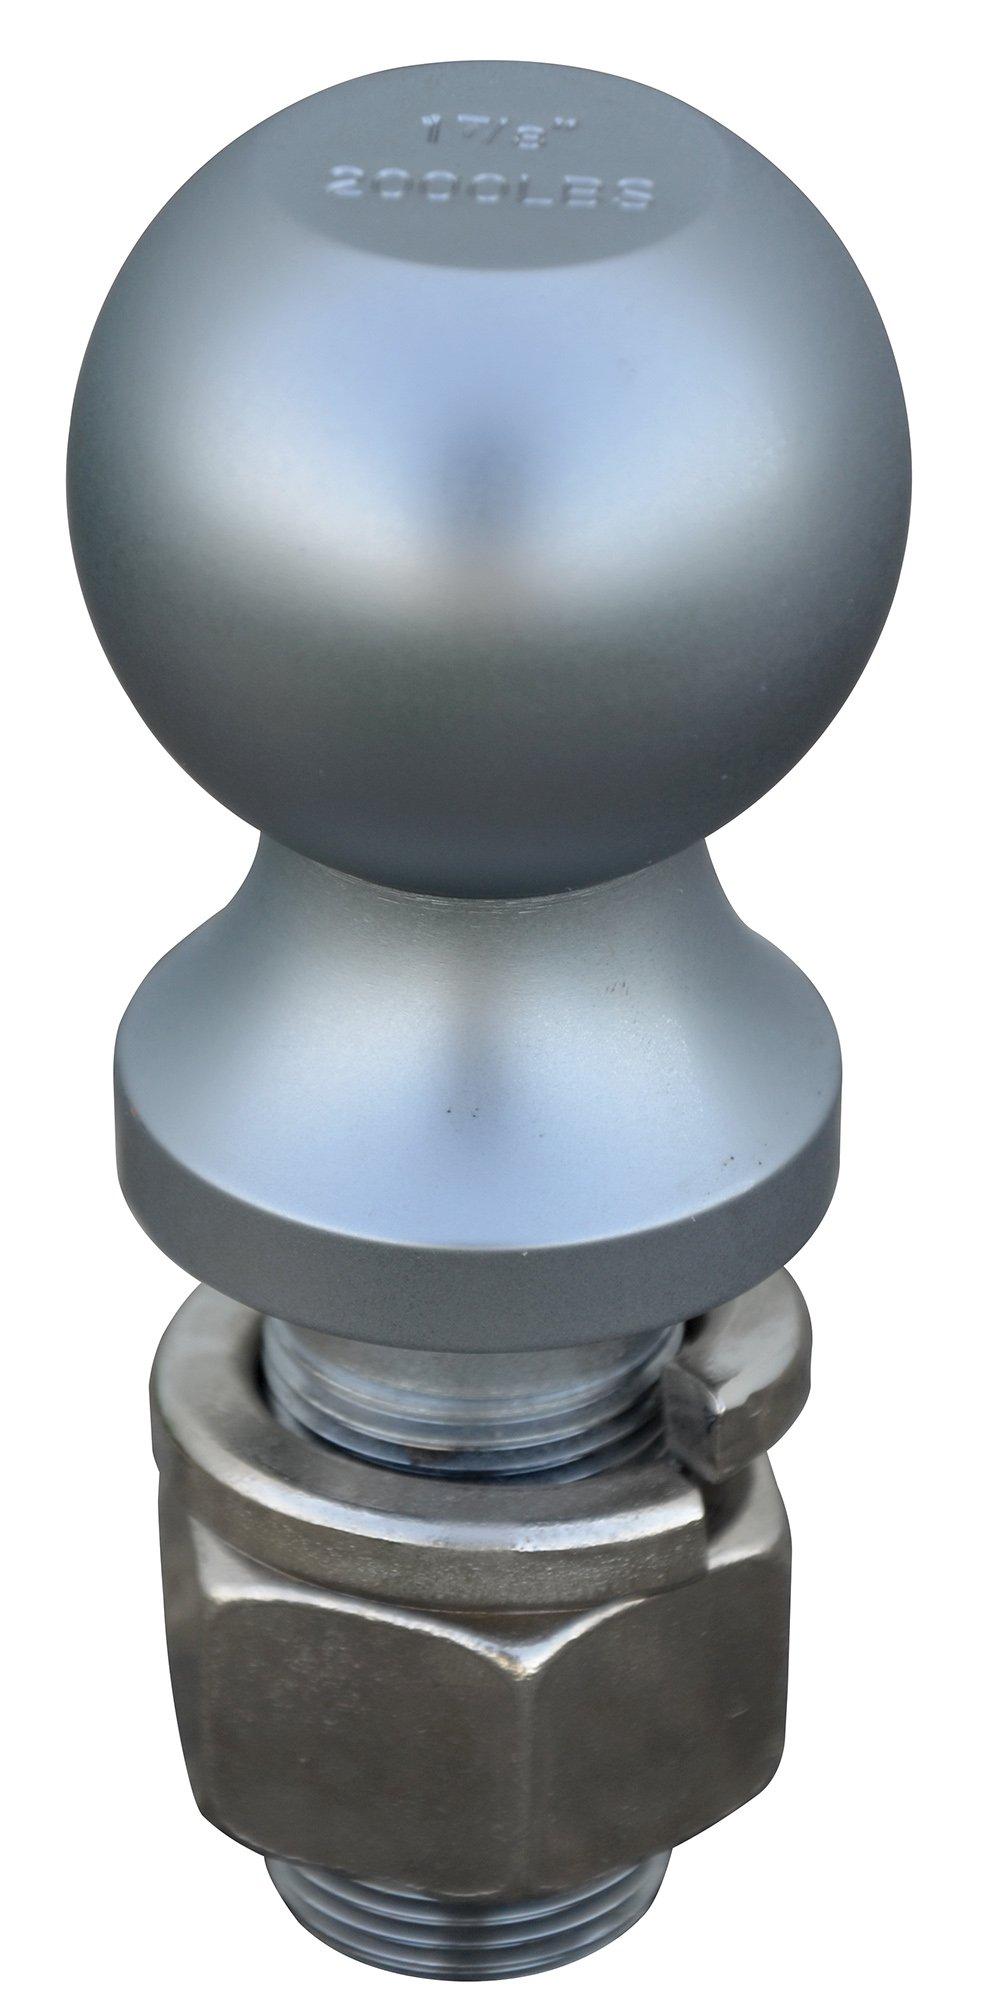 Vestil BALL-178 Fork Truck Tow Ball, Steel, 1-7/8'' Ball Diameter, 2000 lbs Capacity